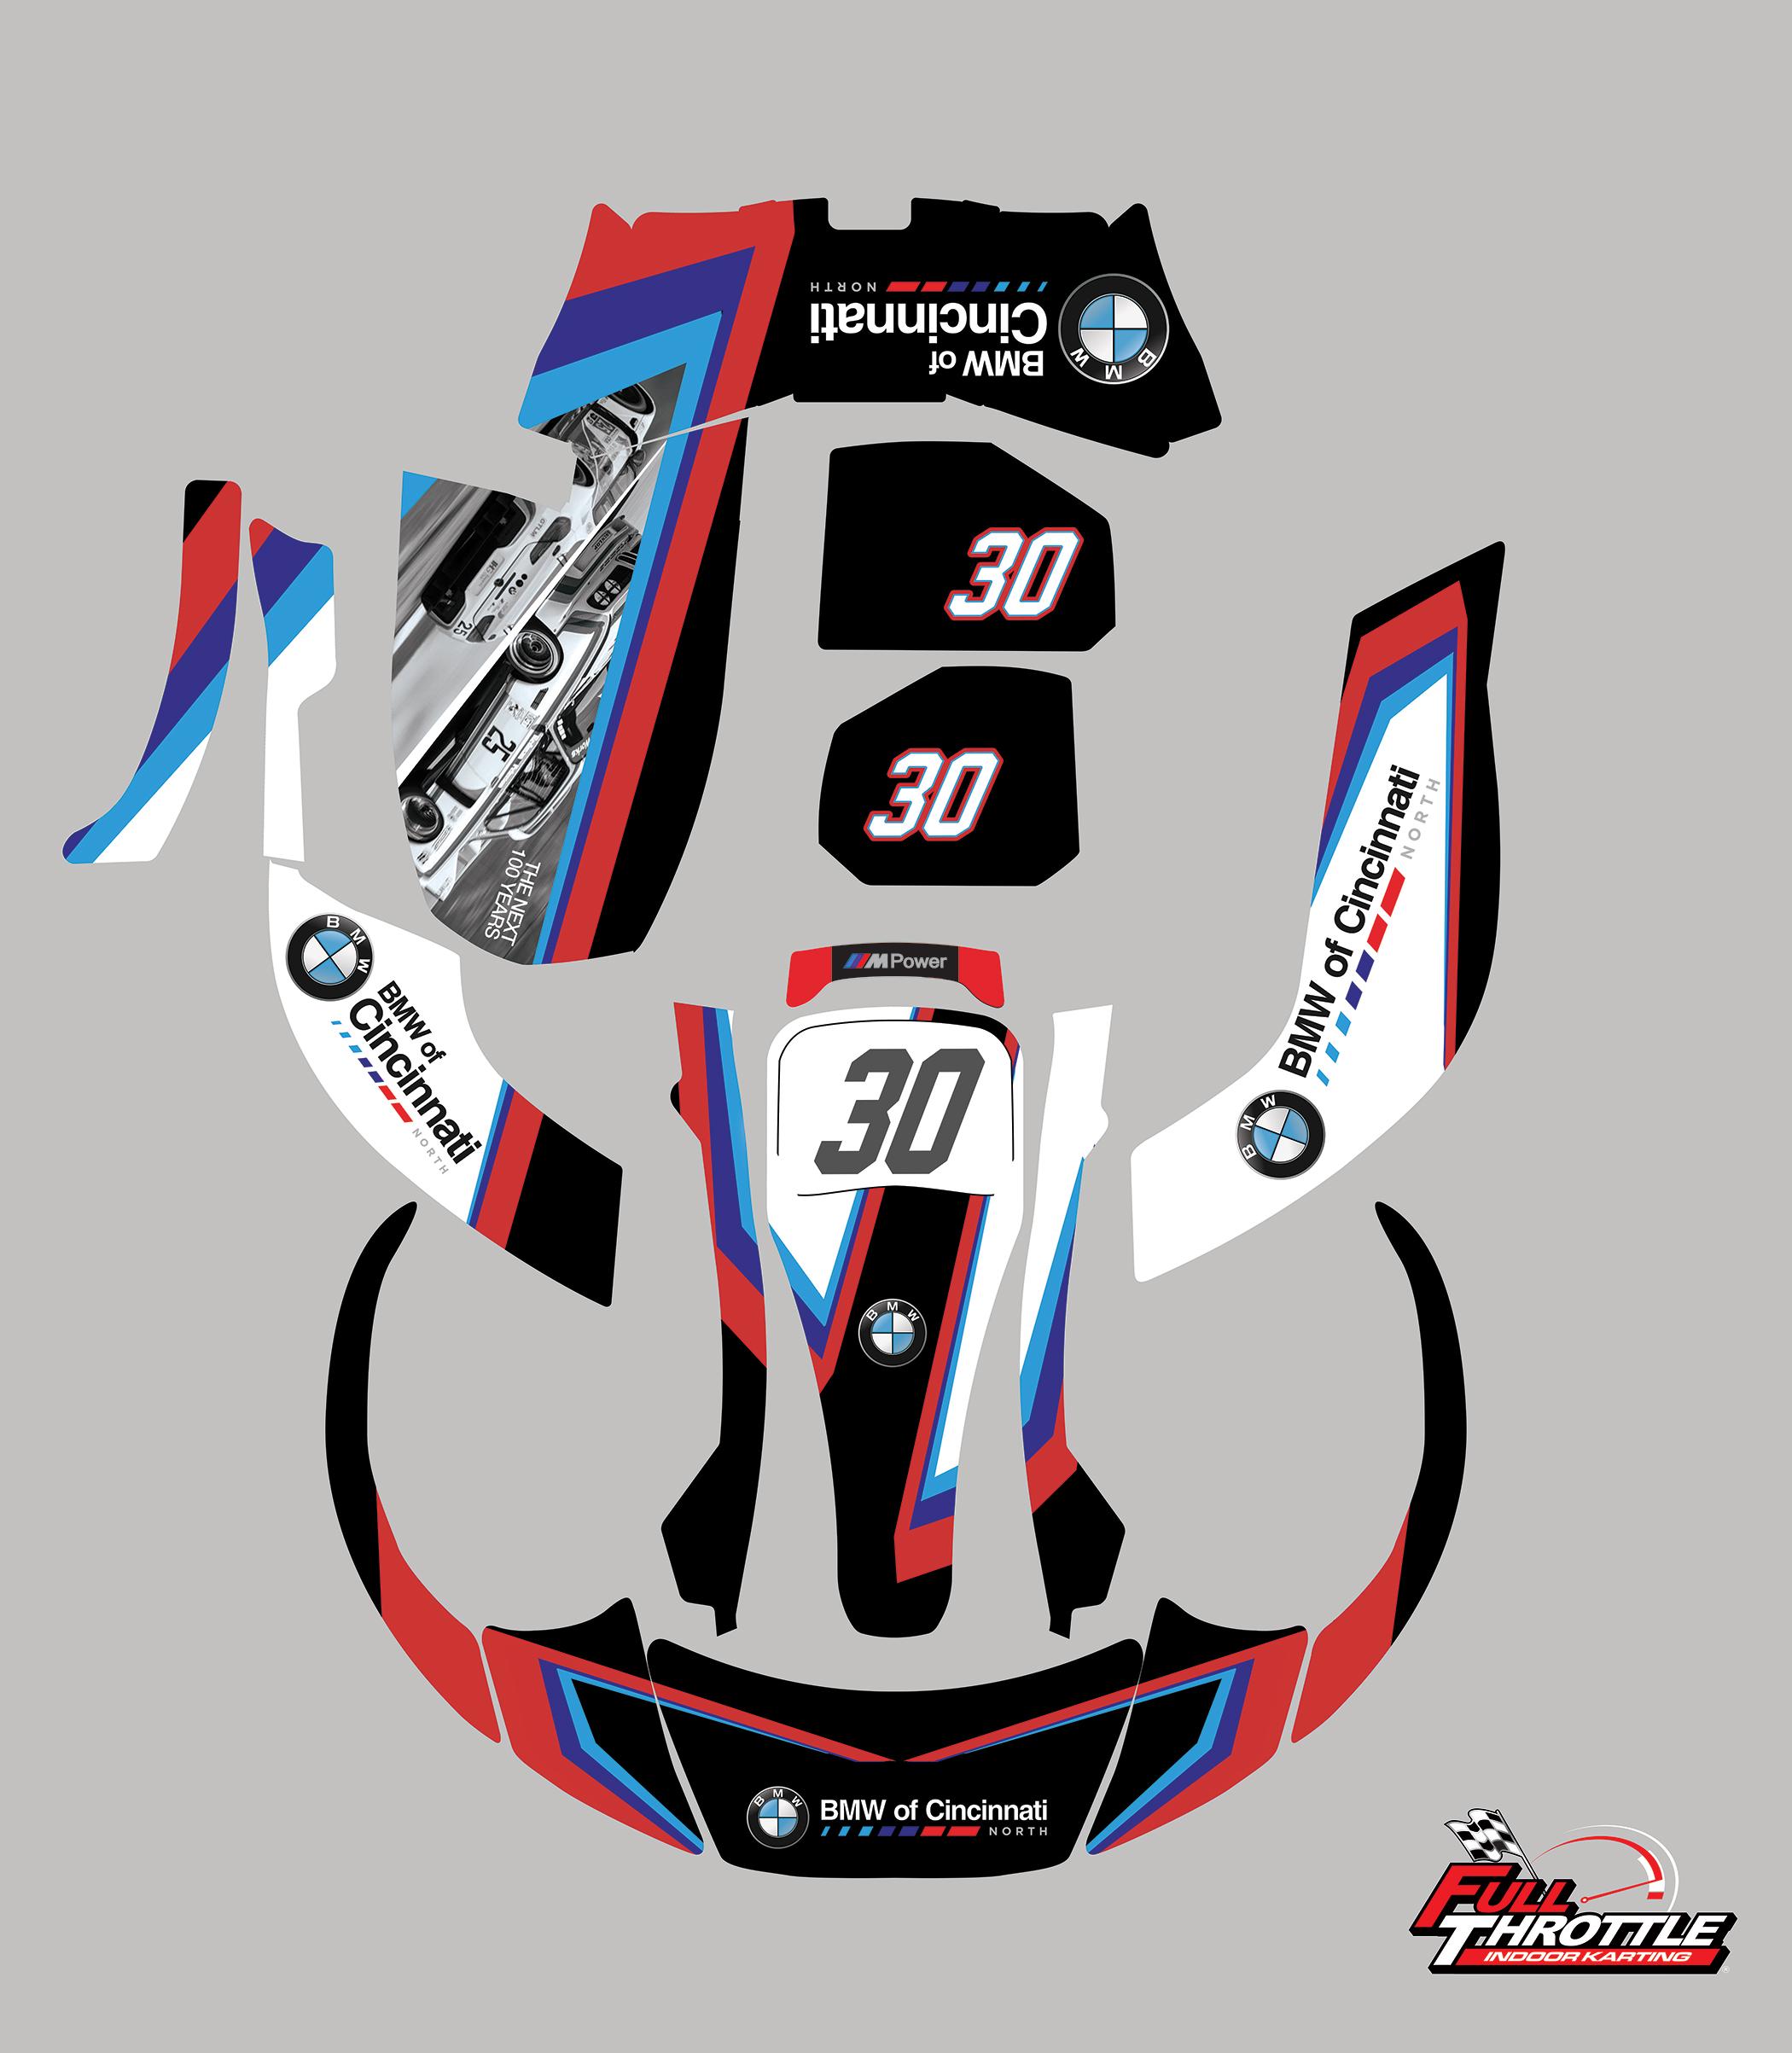 BMWCincy-Final-RX8.jpg